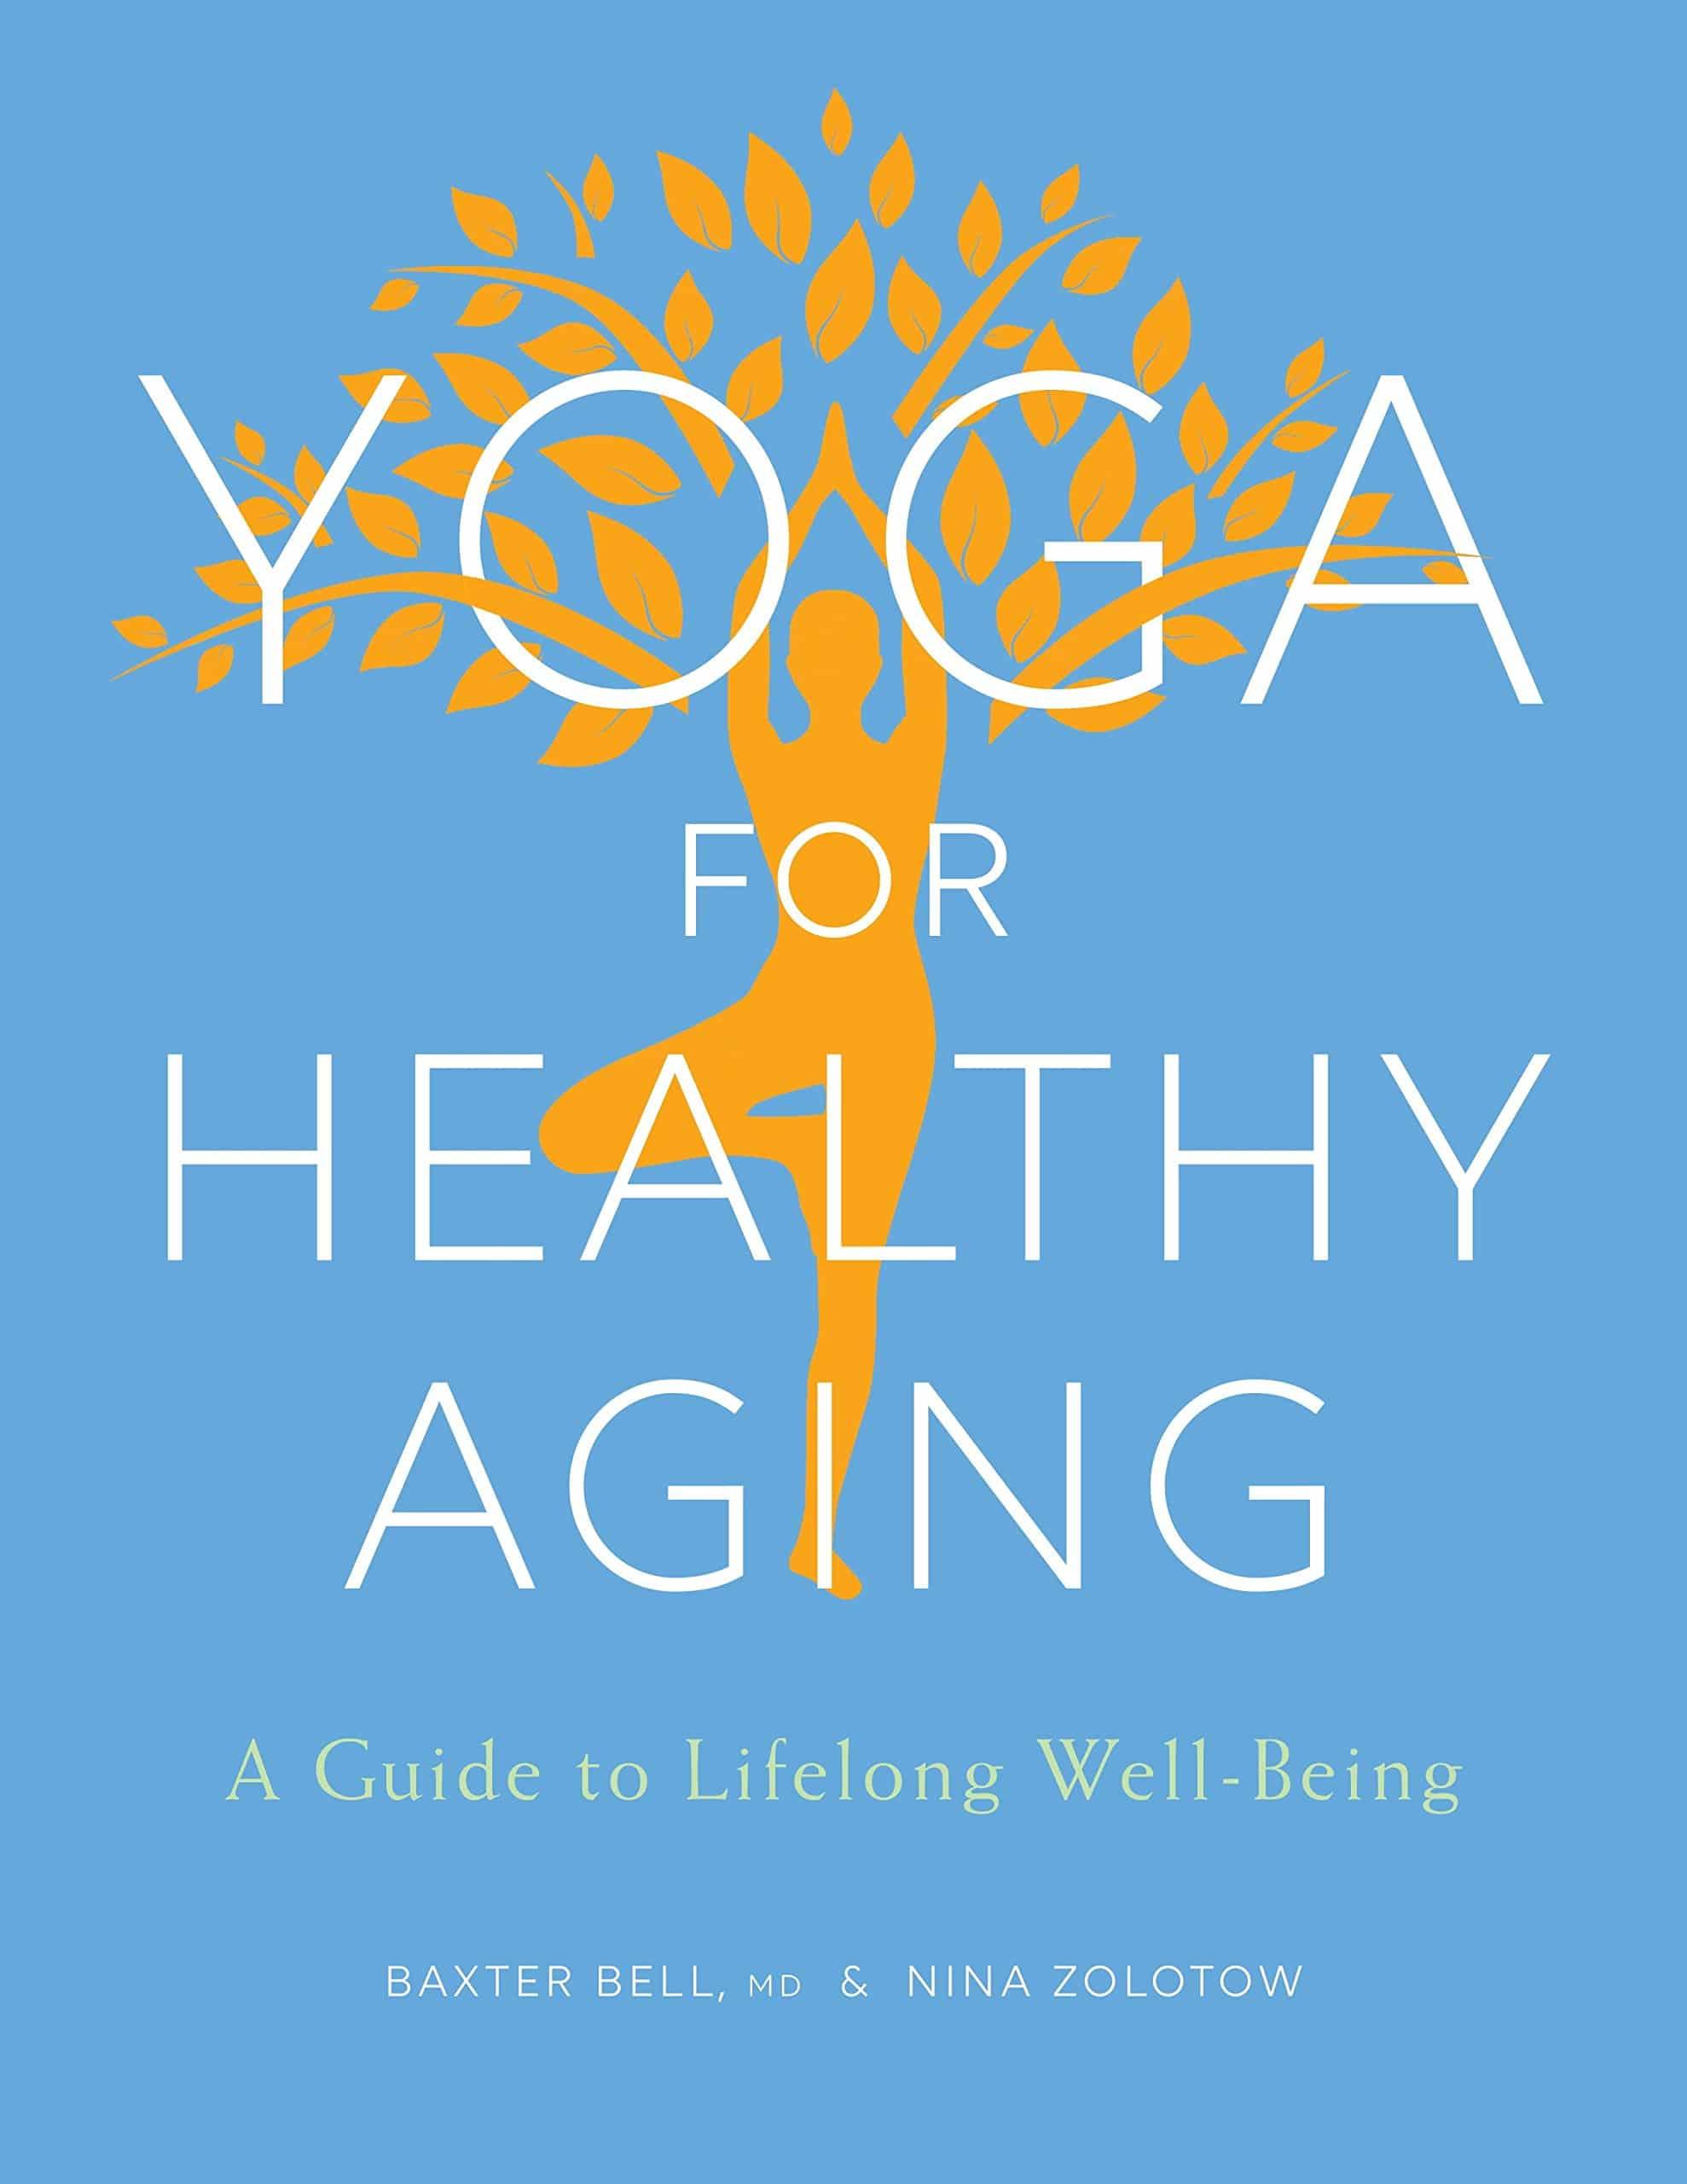 60th-birthday-gift-ideas-yoga-book